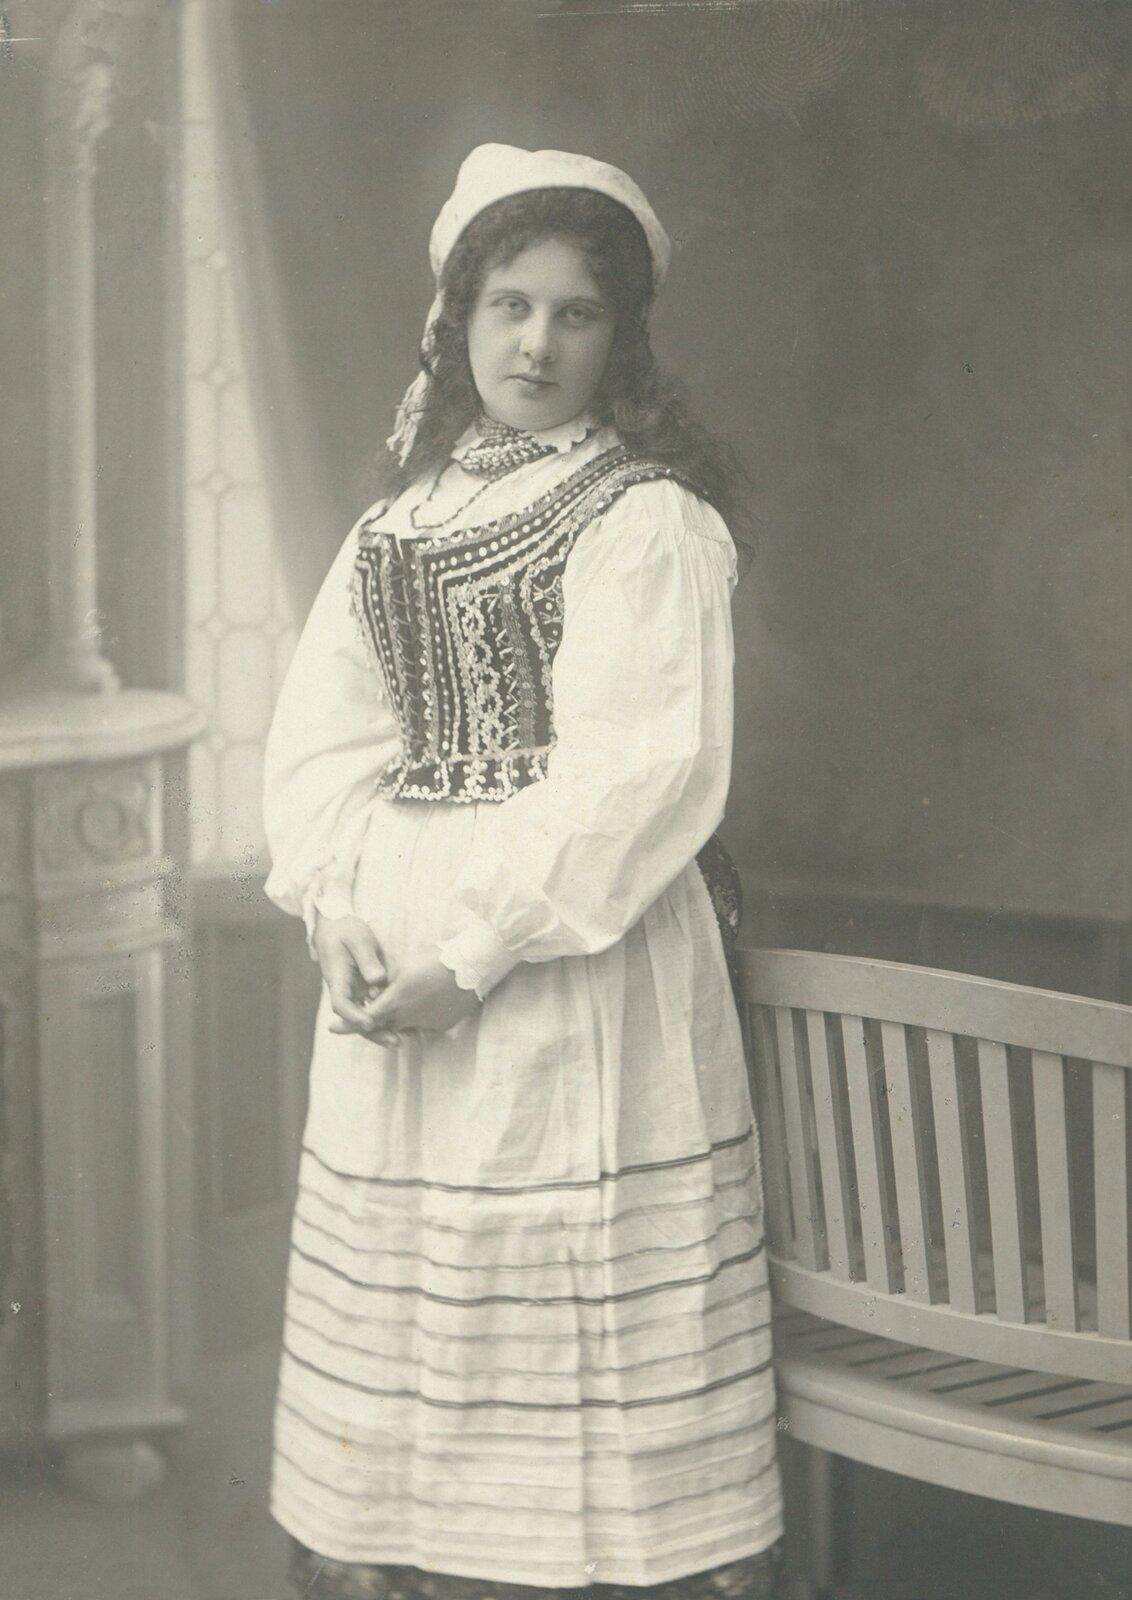 Portret kobiety wstroju ludowym, ok. 1906–1910 Portret kobiety wstroju ludowym, ok. 1906–1910 Źródło: domena publiczna.